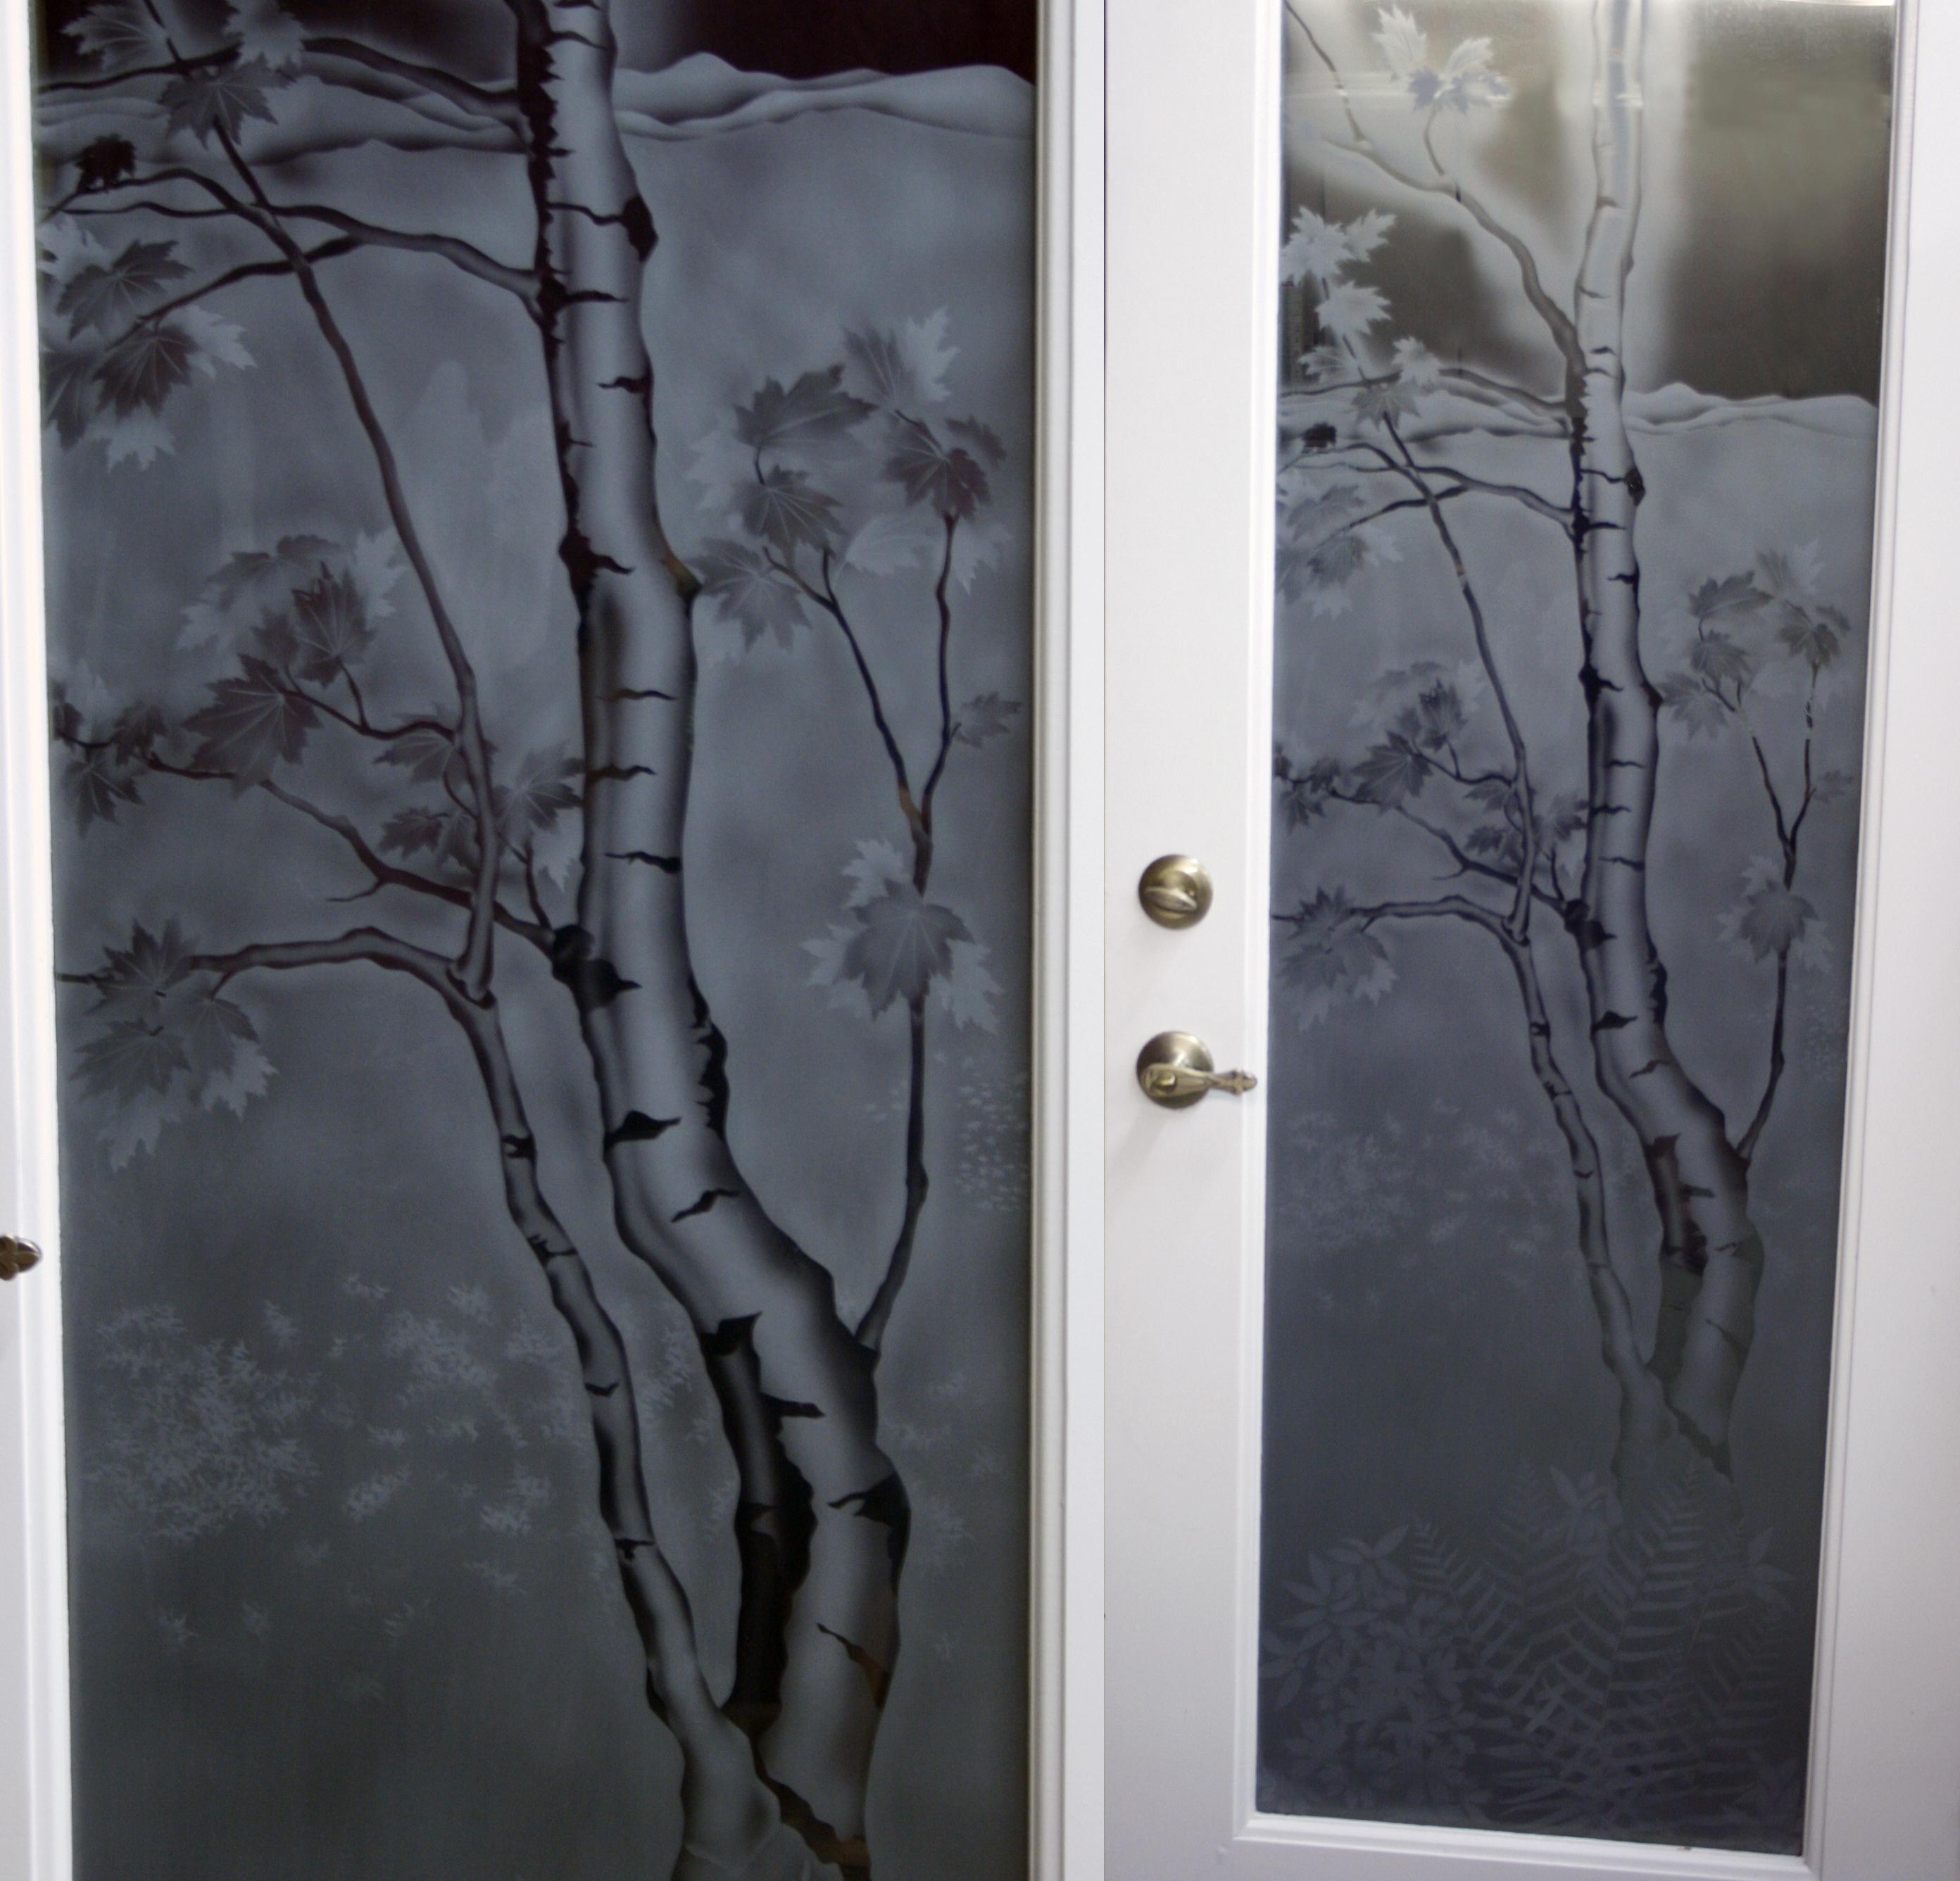 birch tree side by side